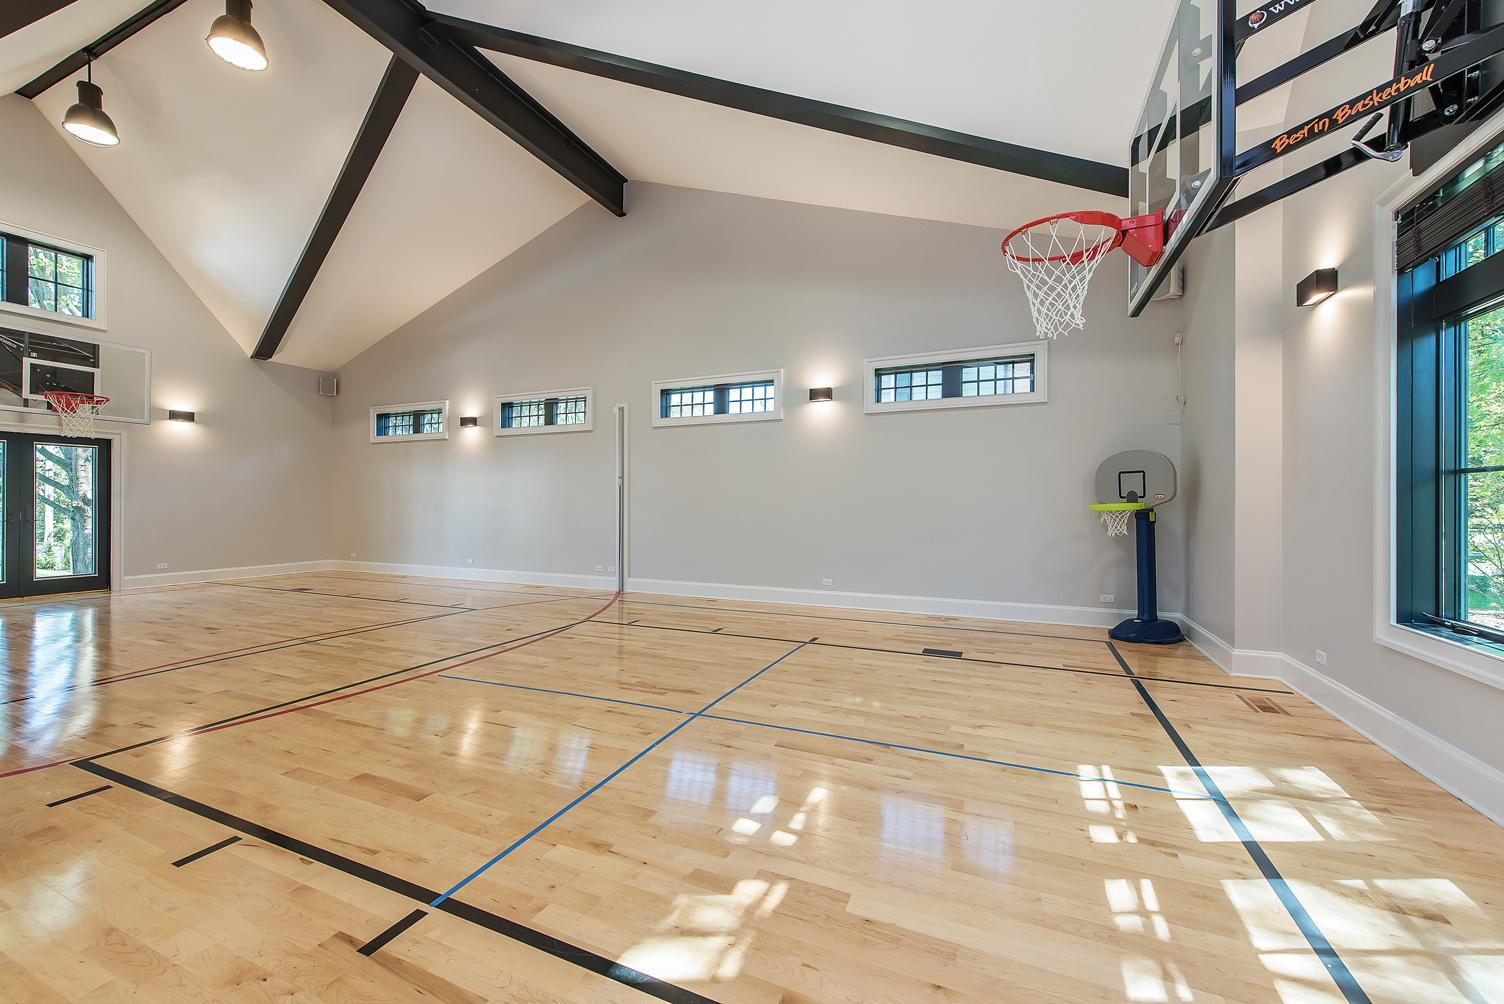 Interior Sport Court